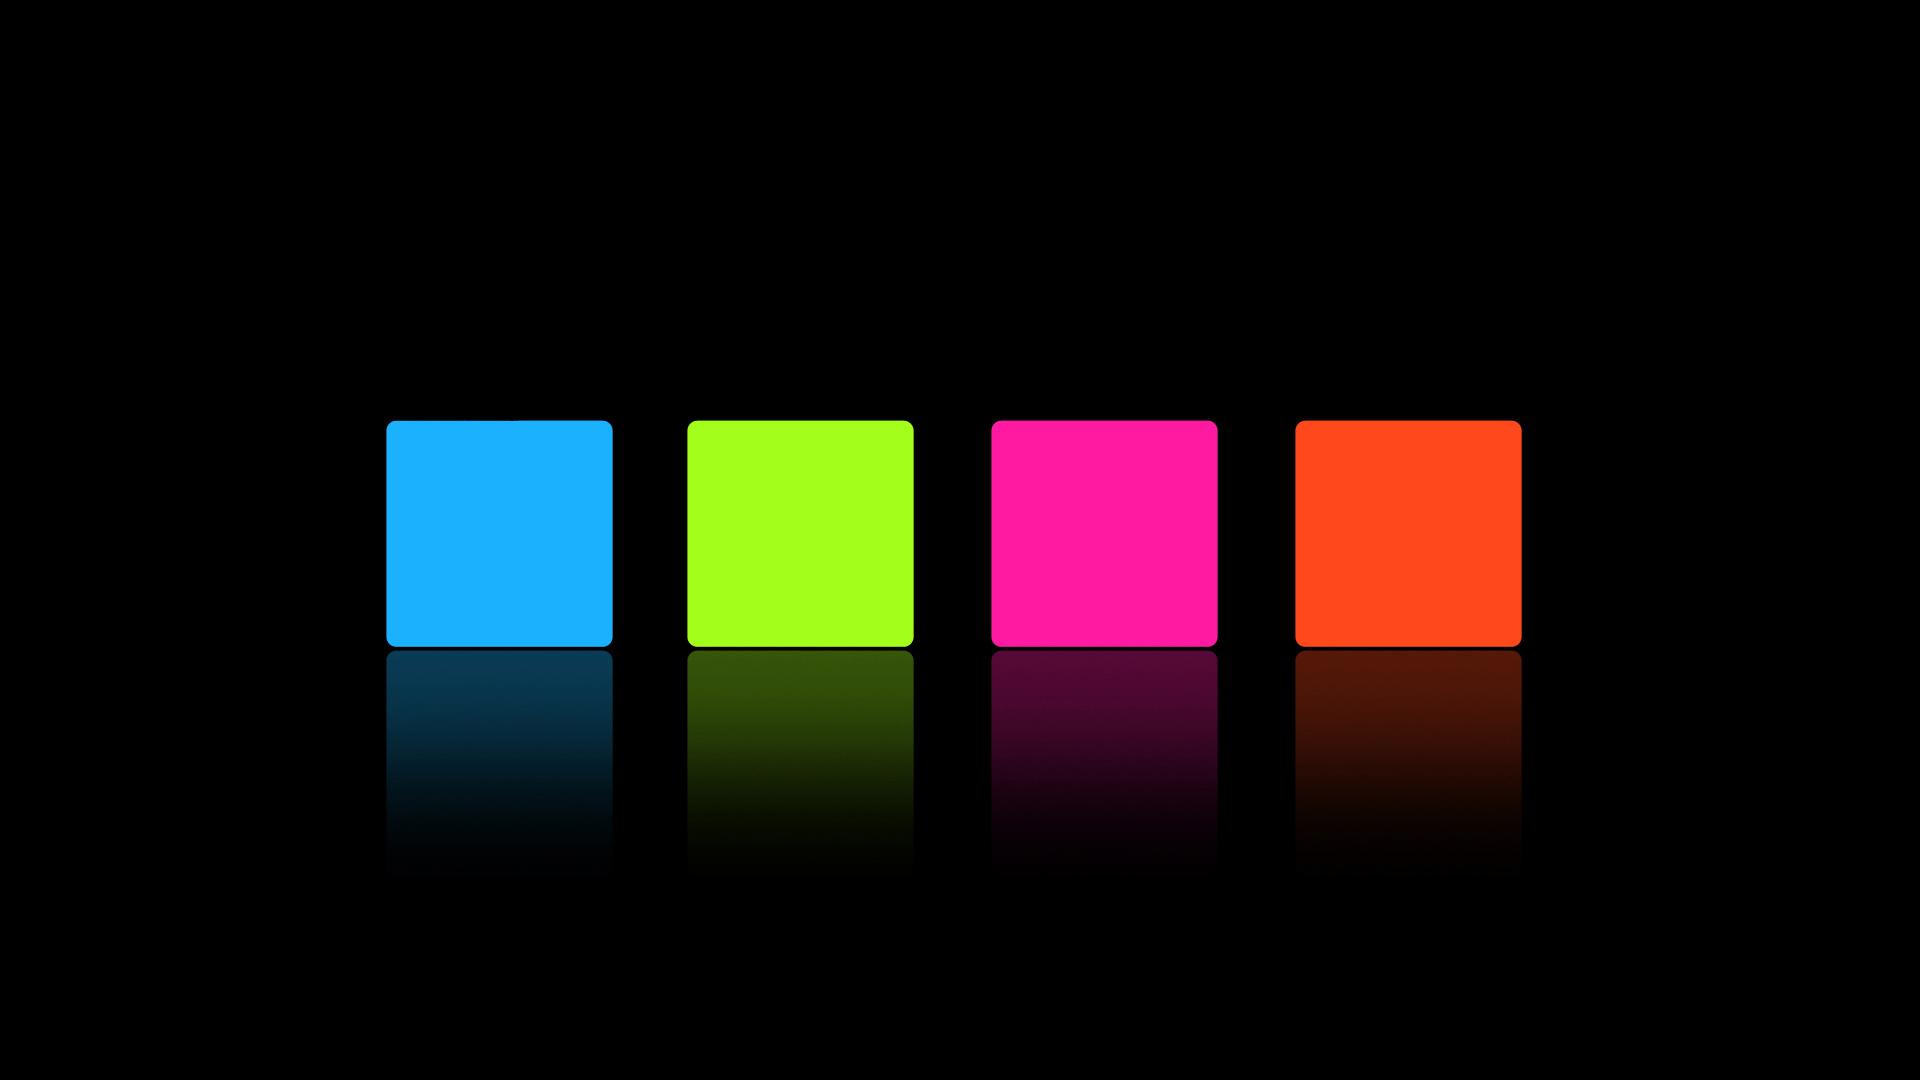 http://onlyhdwallpapers.com/wallpaper/colour_palette_high_resolution_desktop_1920x1080_wallpaper-281331.jpg